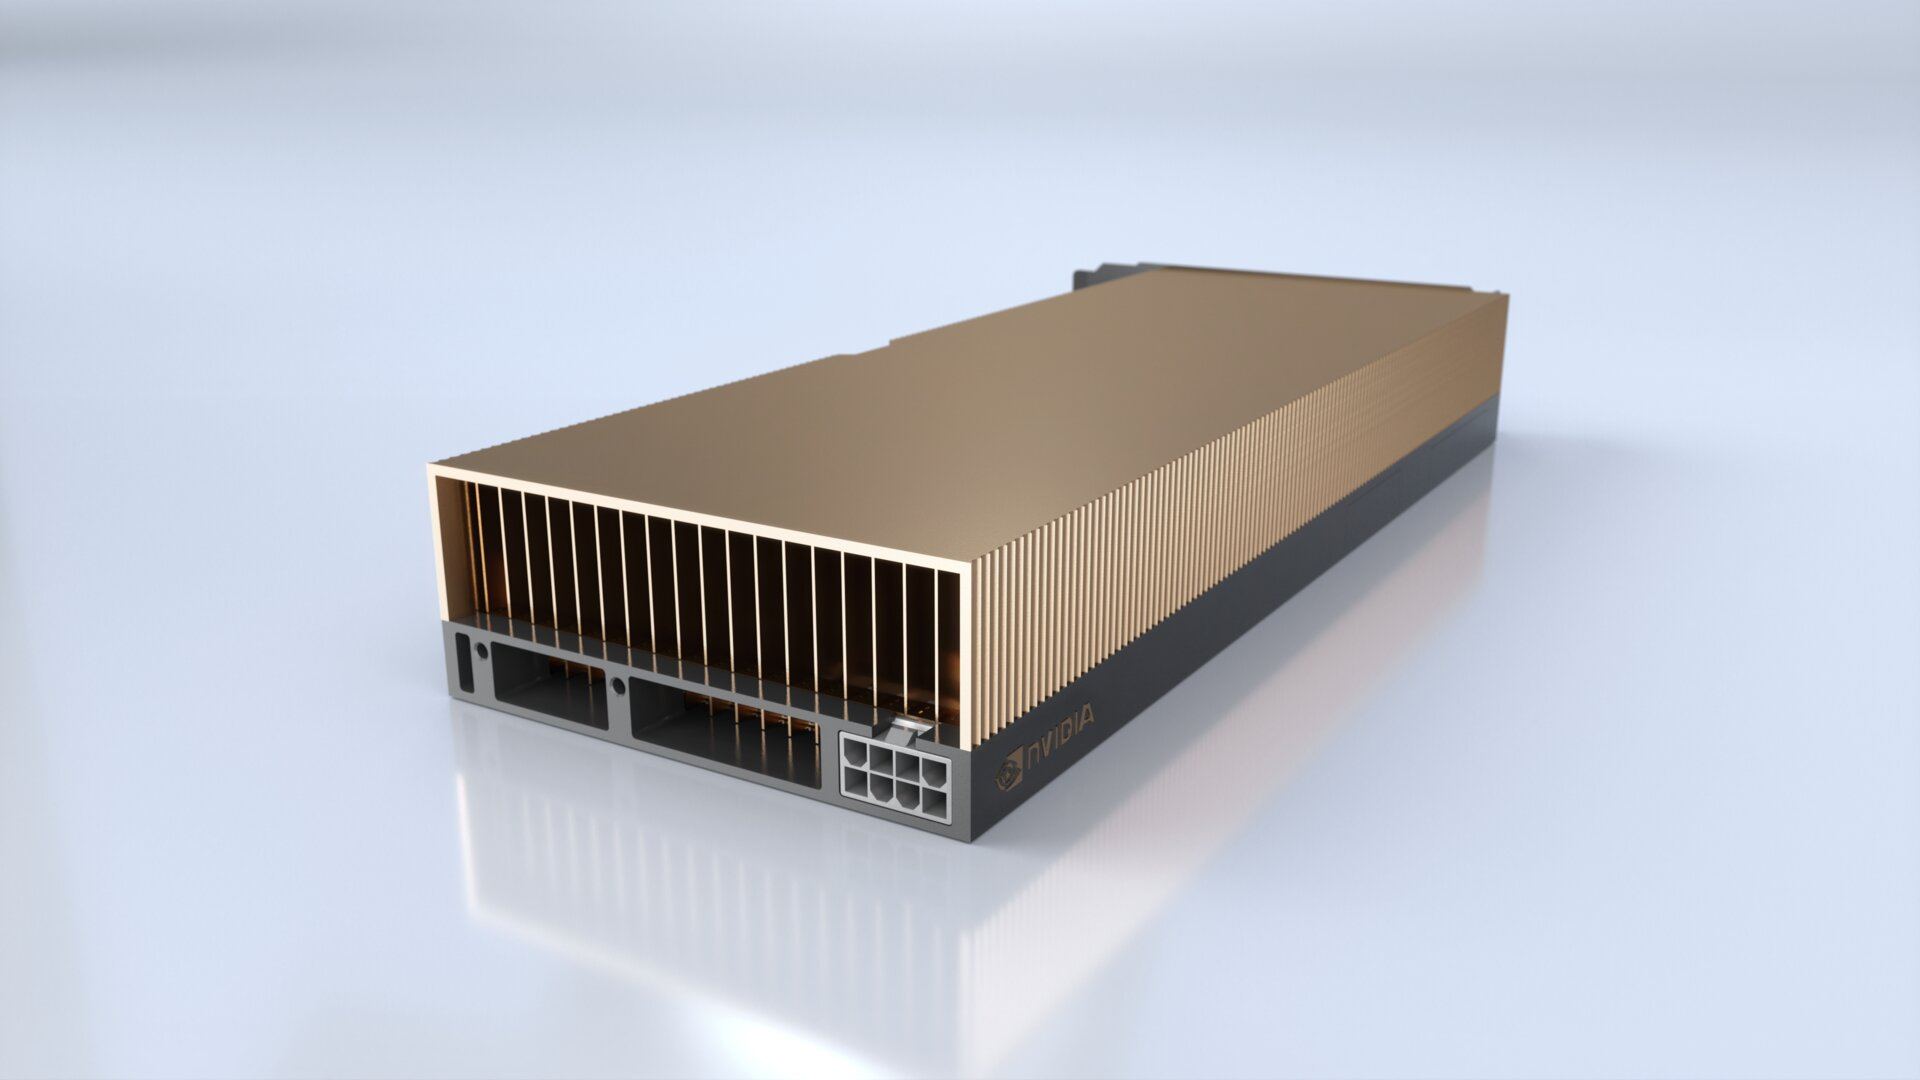 Nvidia Quadro RTX A40